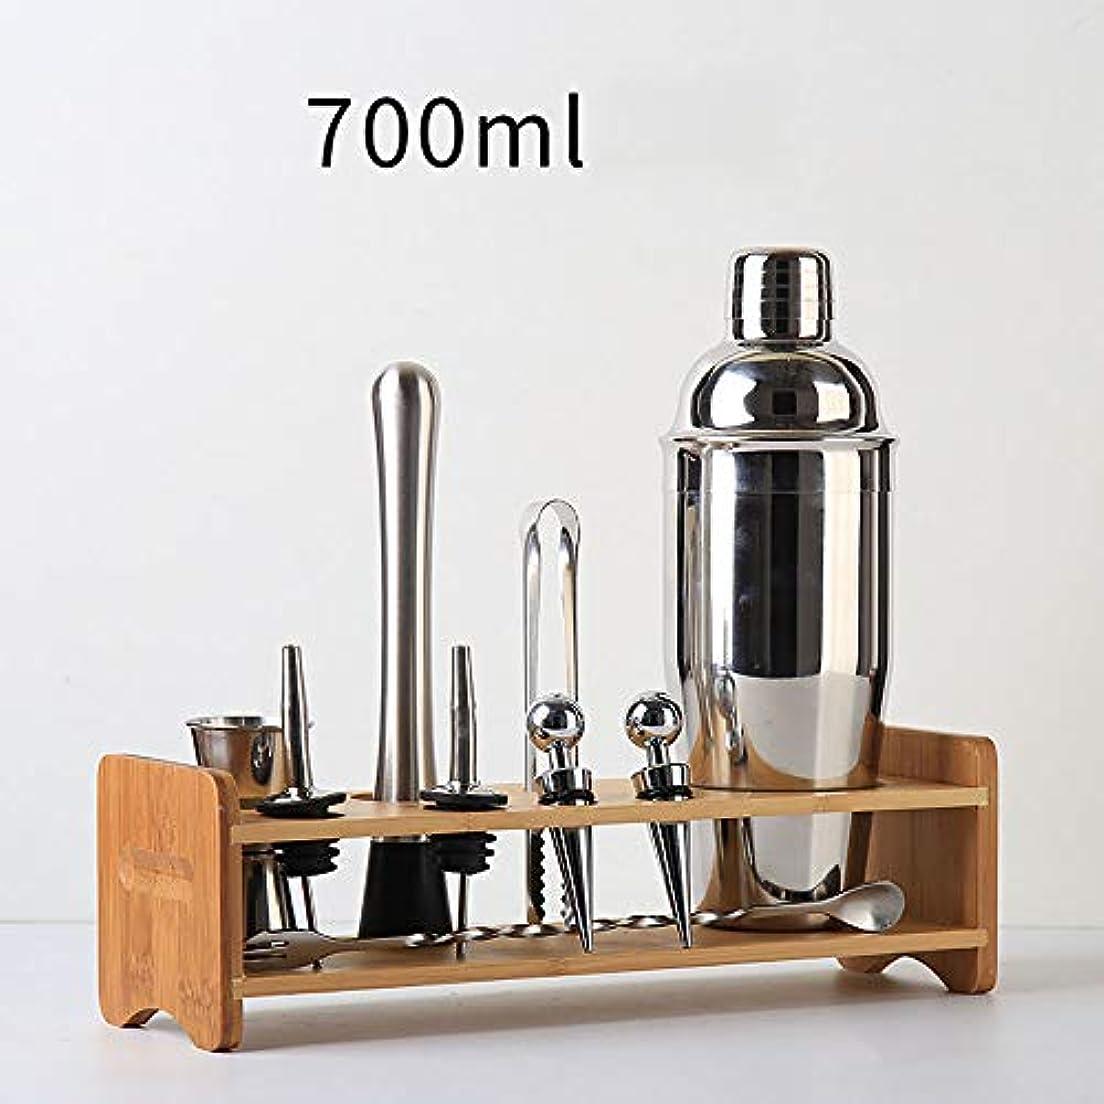 神チャンピオンシップ逸脱Shike Cup Cocktail Shaker、ステンレススチールハンドシェイクシェーカー、Tea Shop Xueke Pot Bar Tool Set、Beverage Mix Professional Bartender...